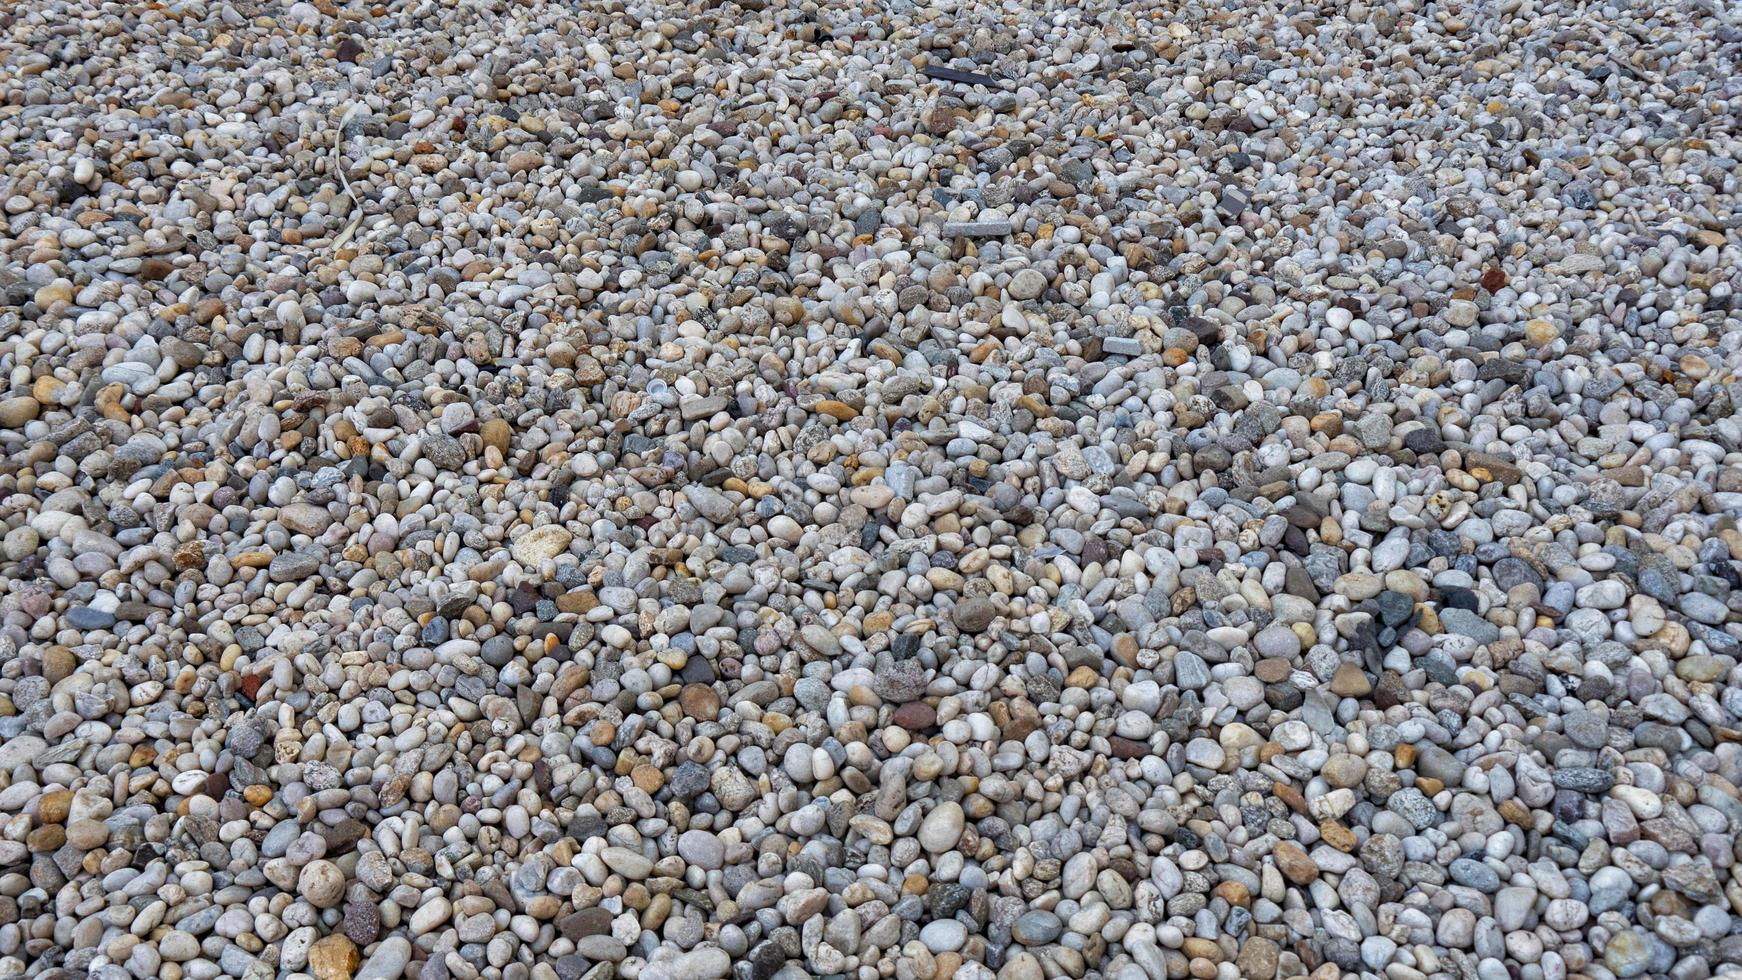 Kieselsteine auf dem Boden foto